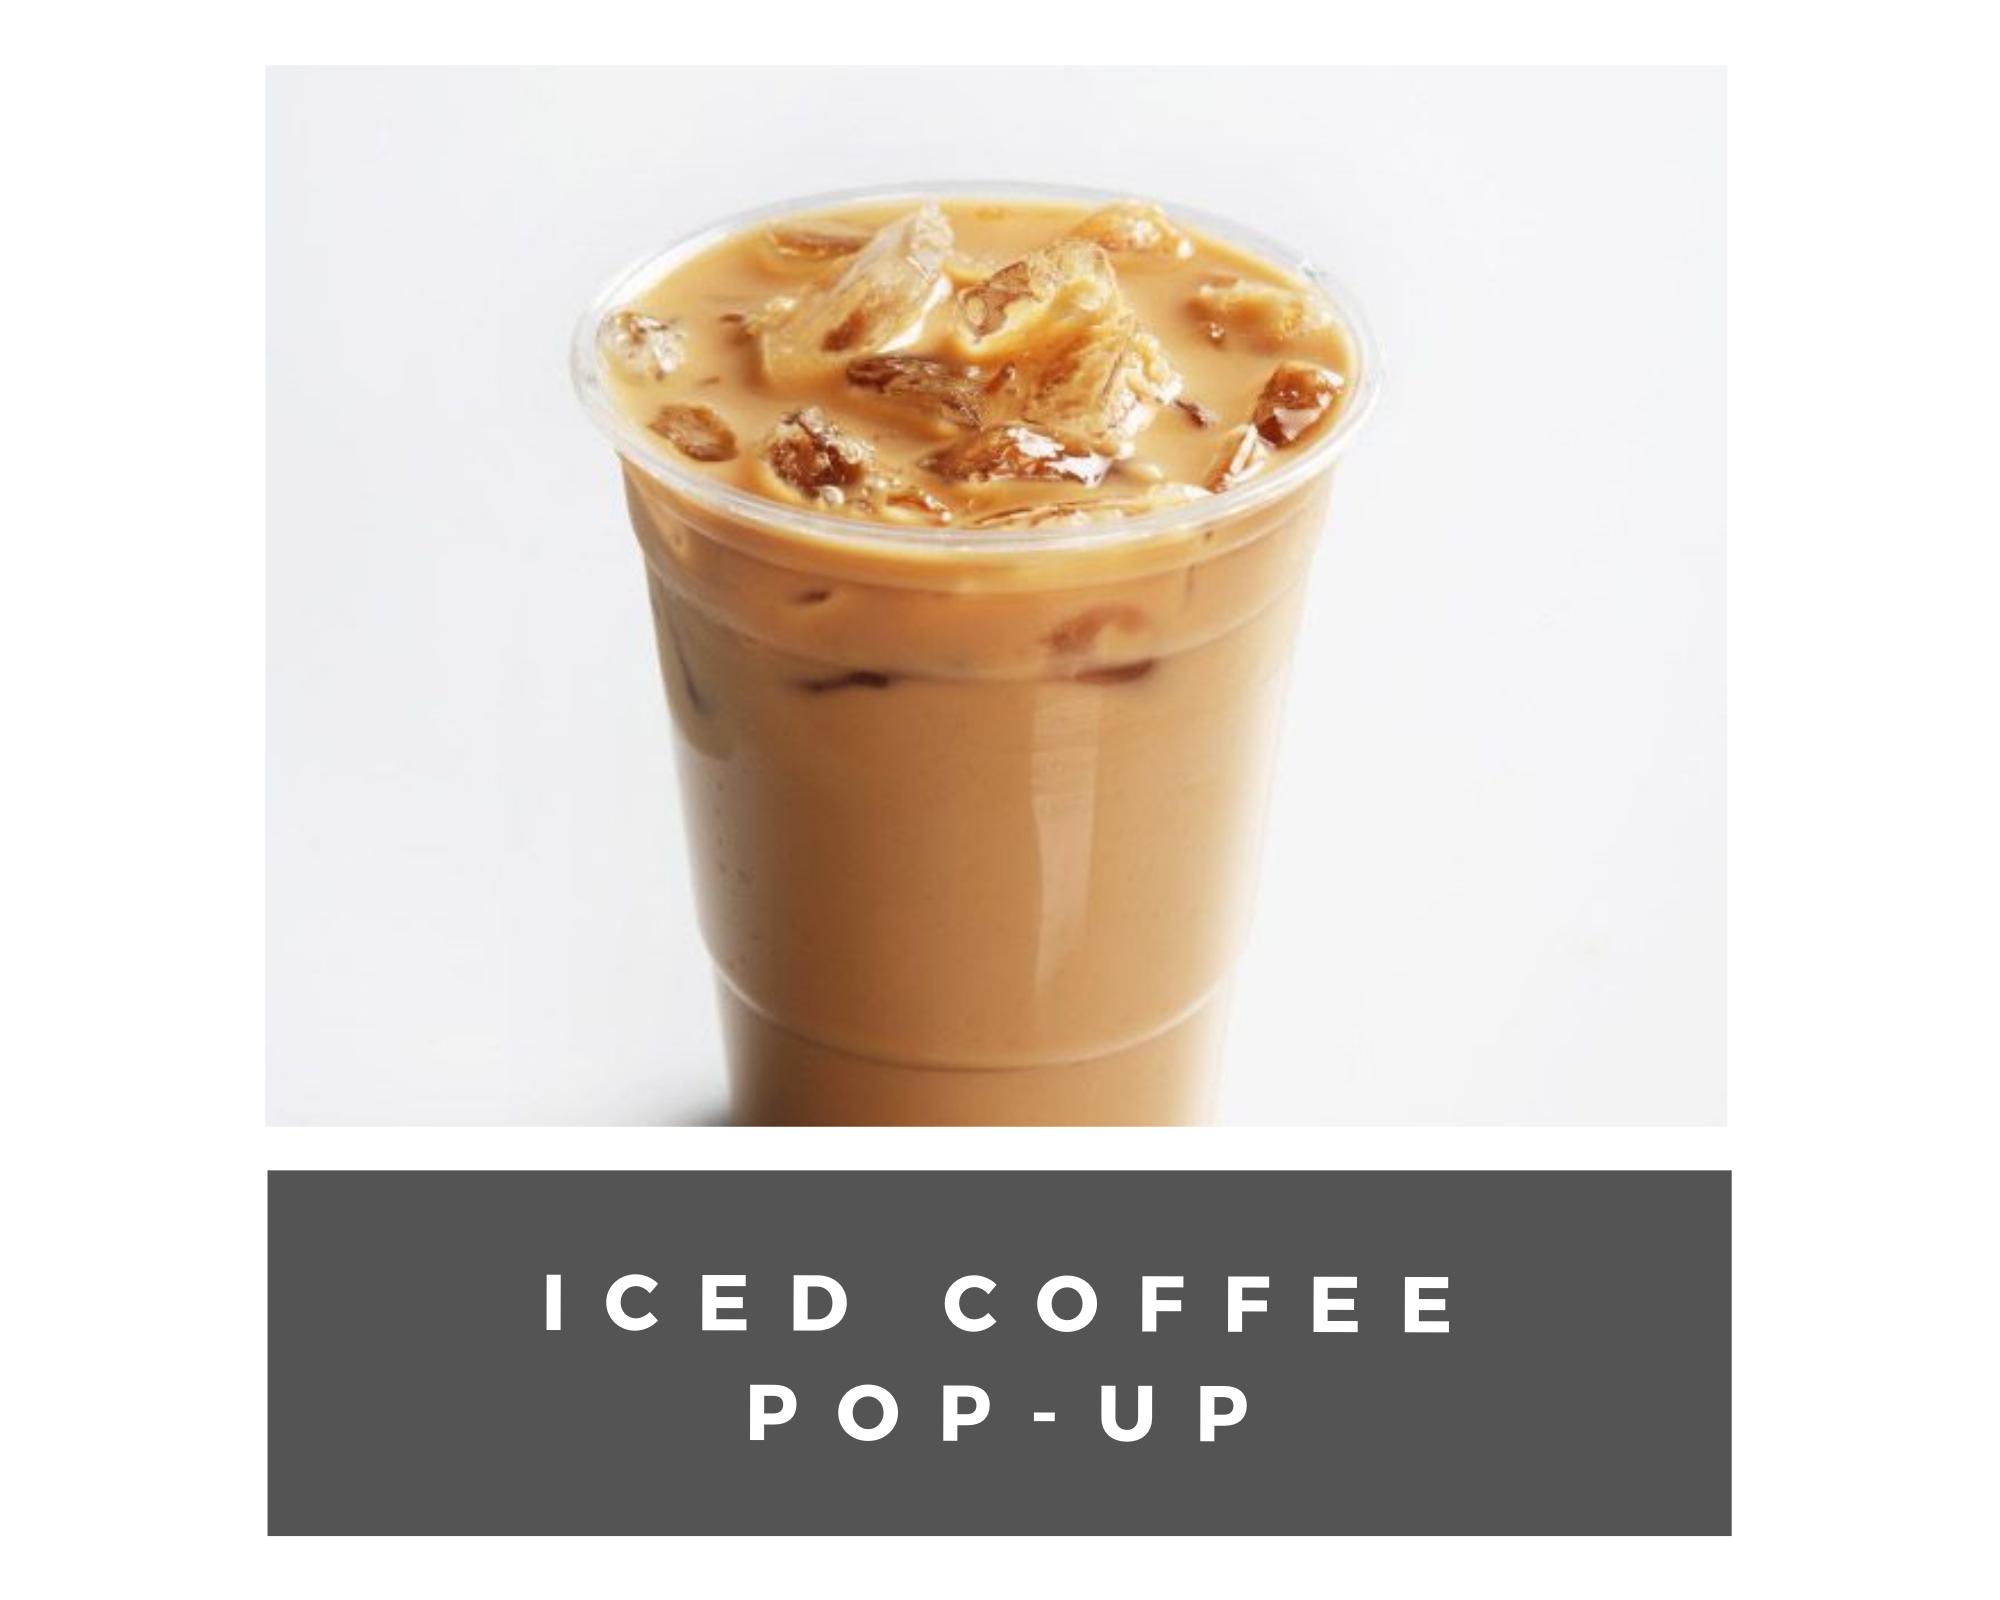 iced coffee pop up